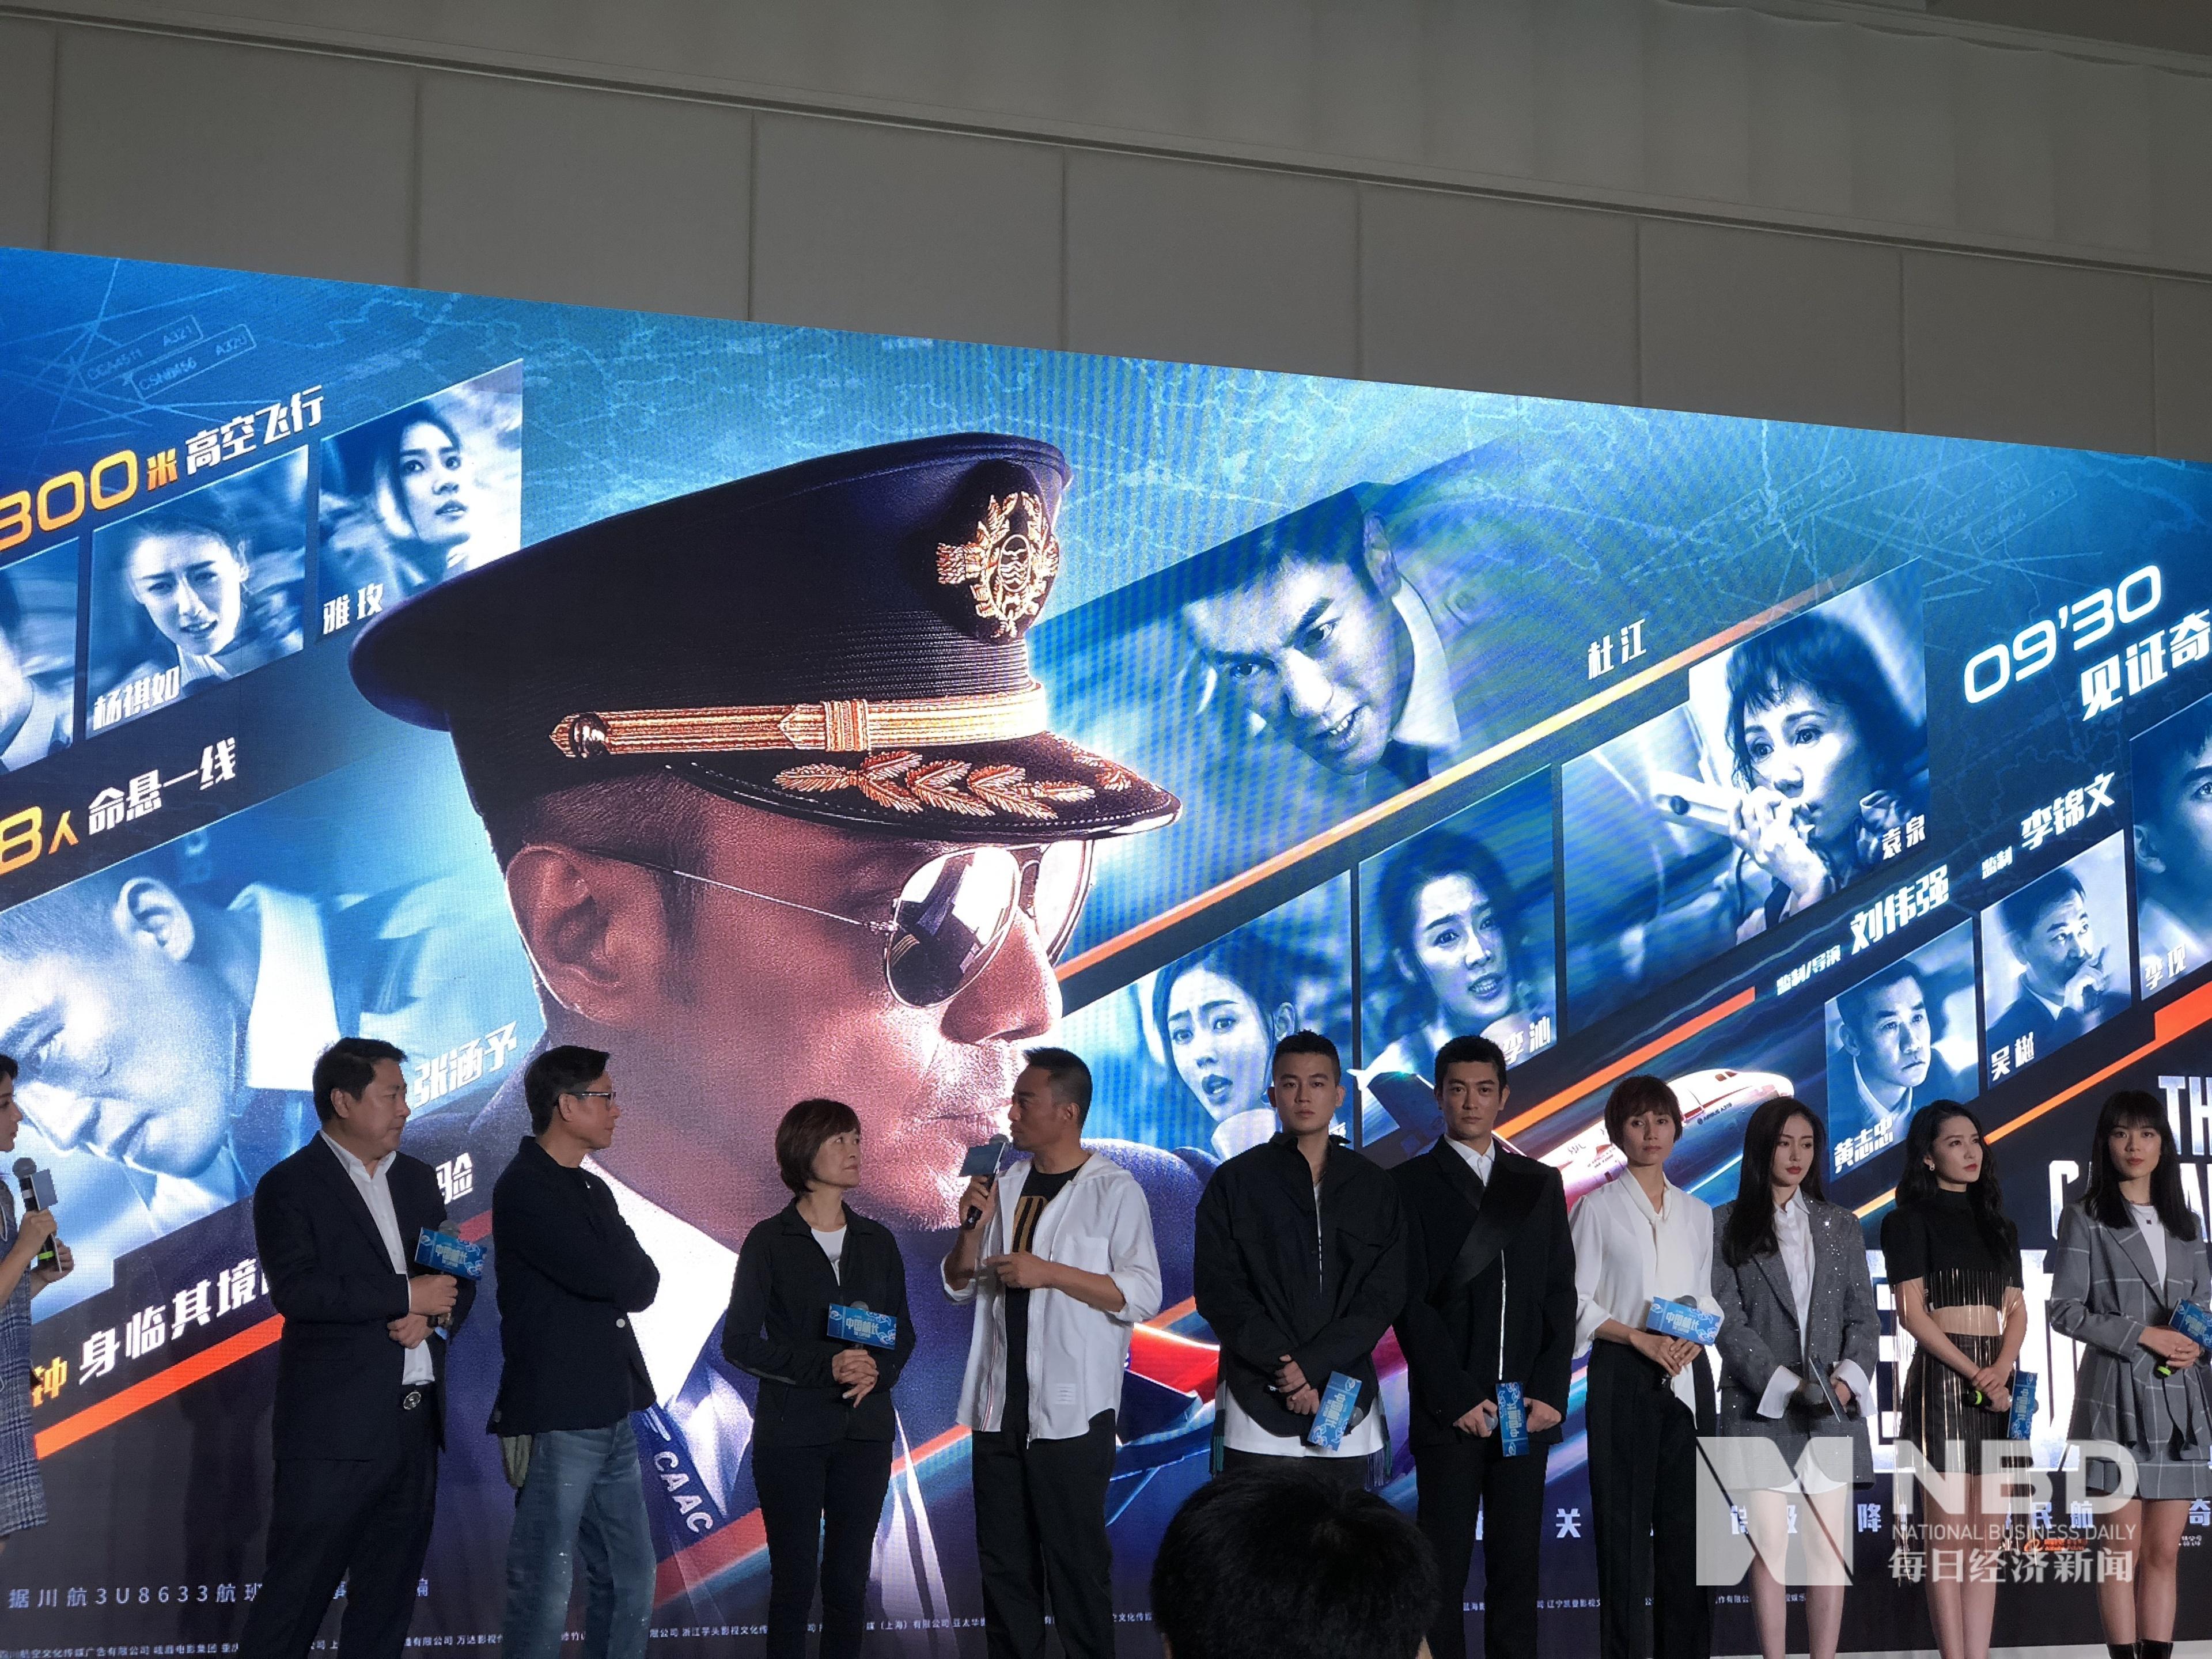 于冬:我对《中国机长》成为今年国庆档冠军很有信心